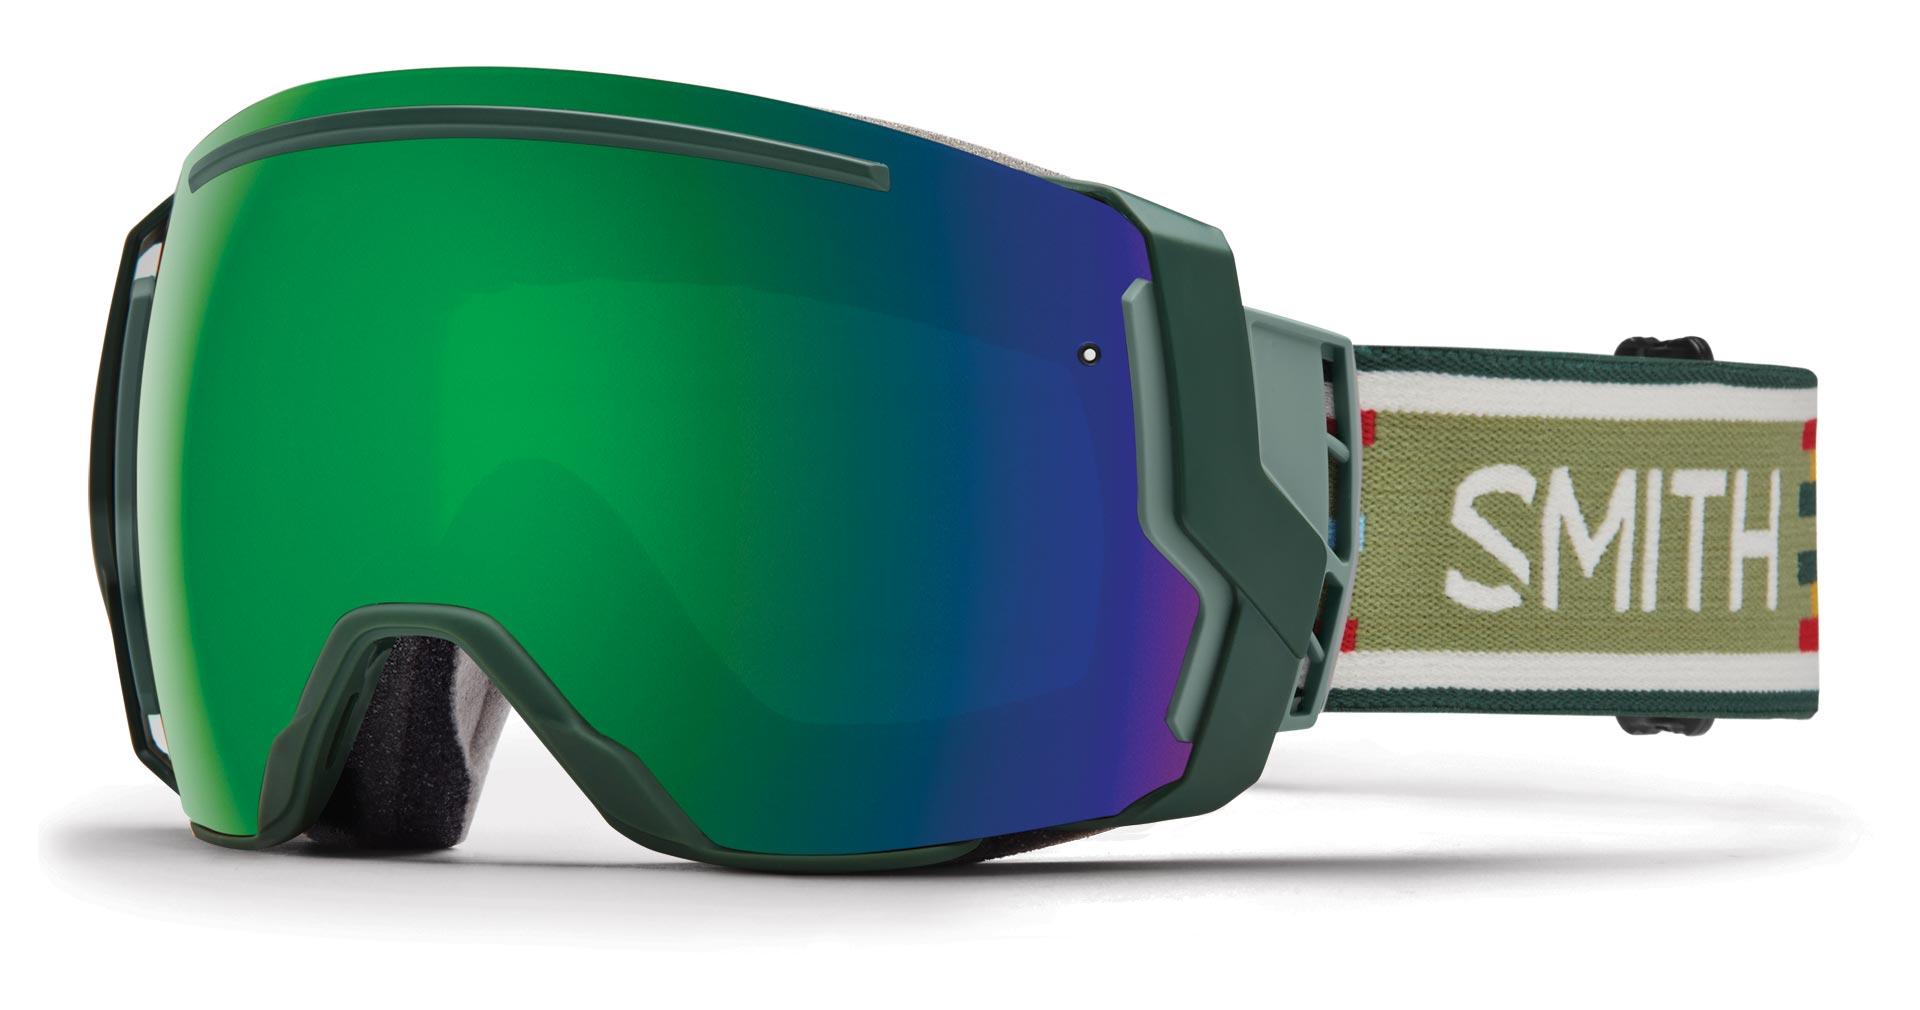 Smith: I/O 7 Goggle